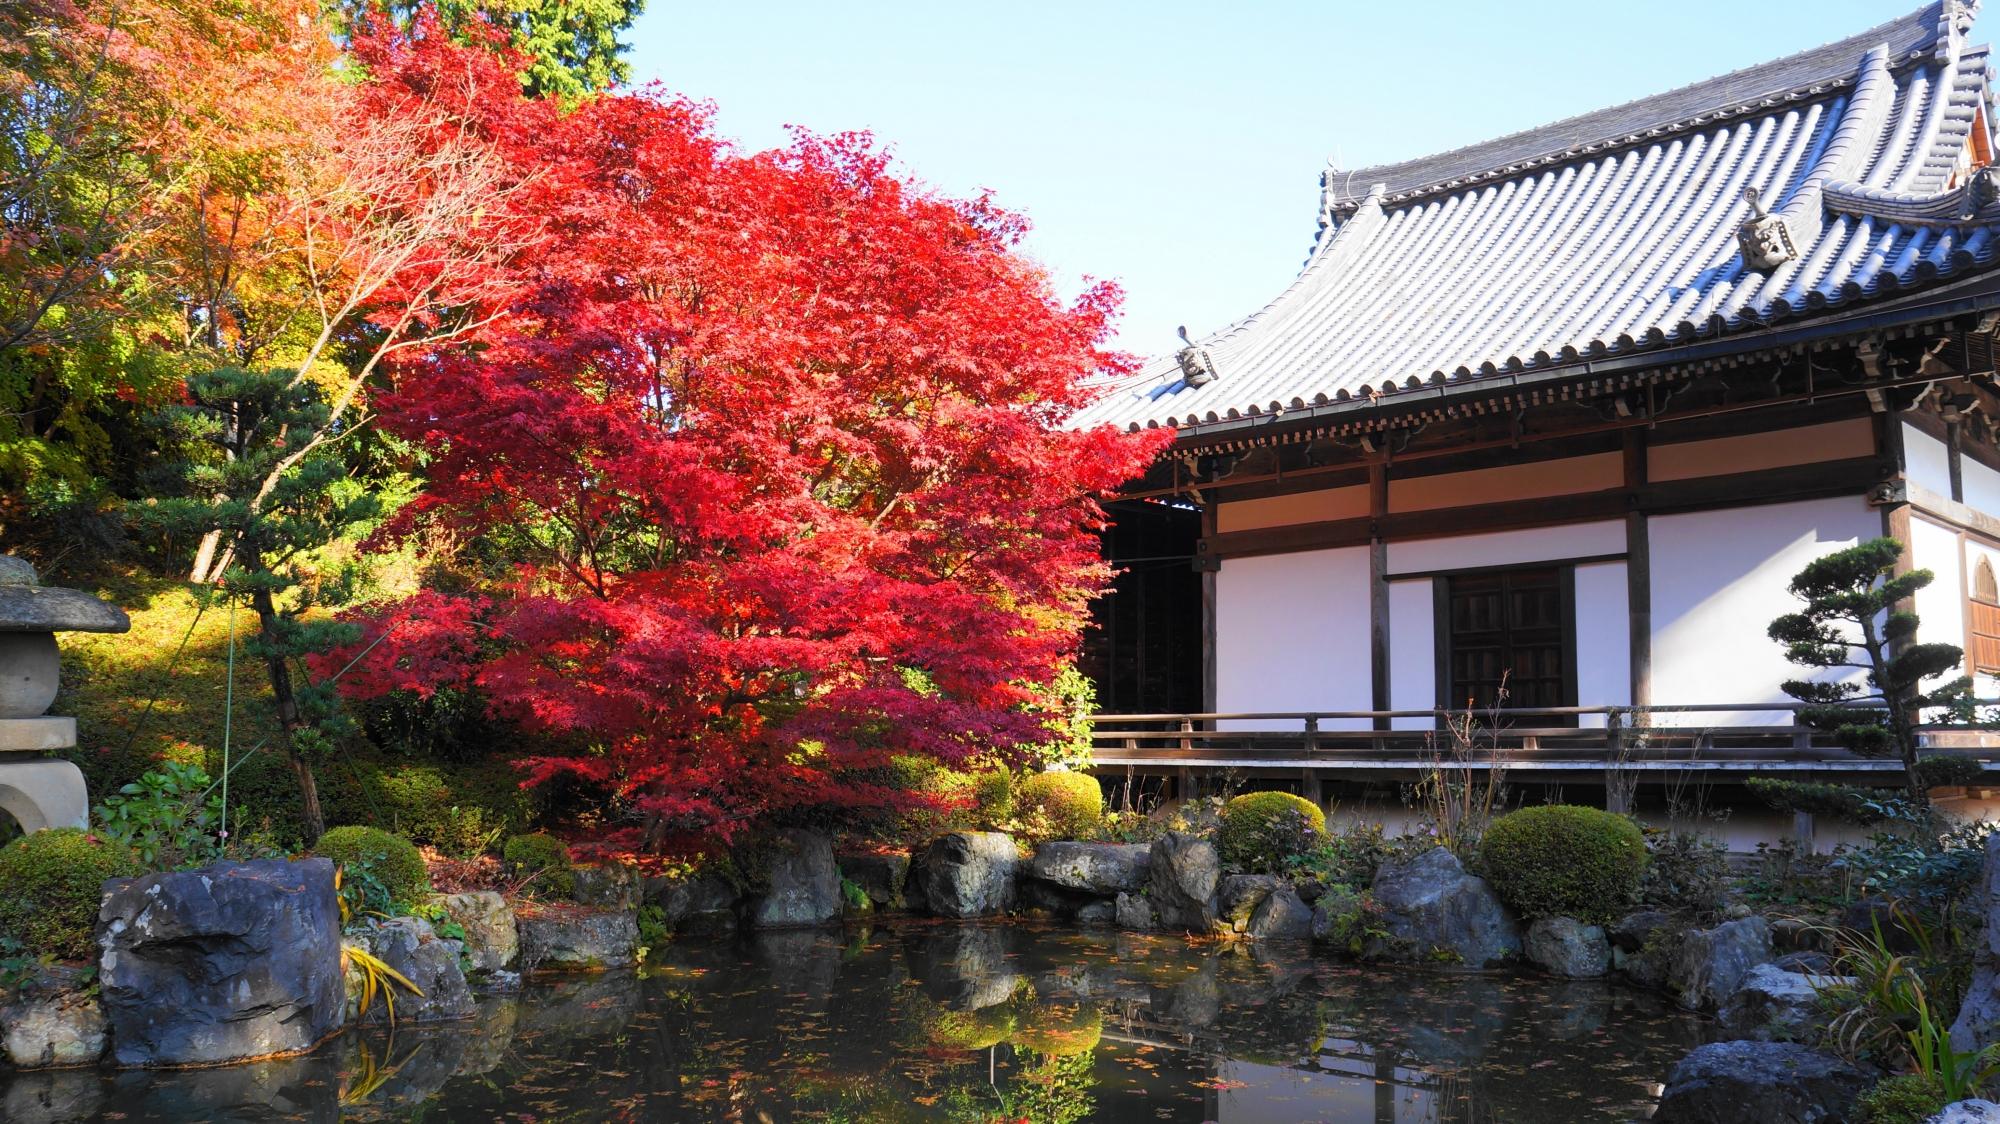 善峯寺の蓮華寿院庭の紅葉